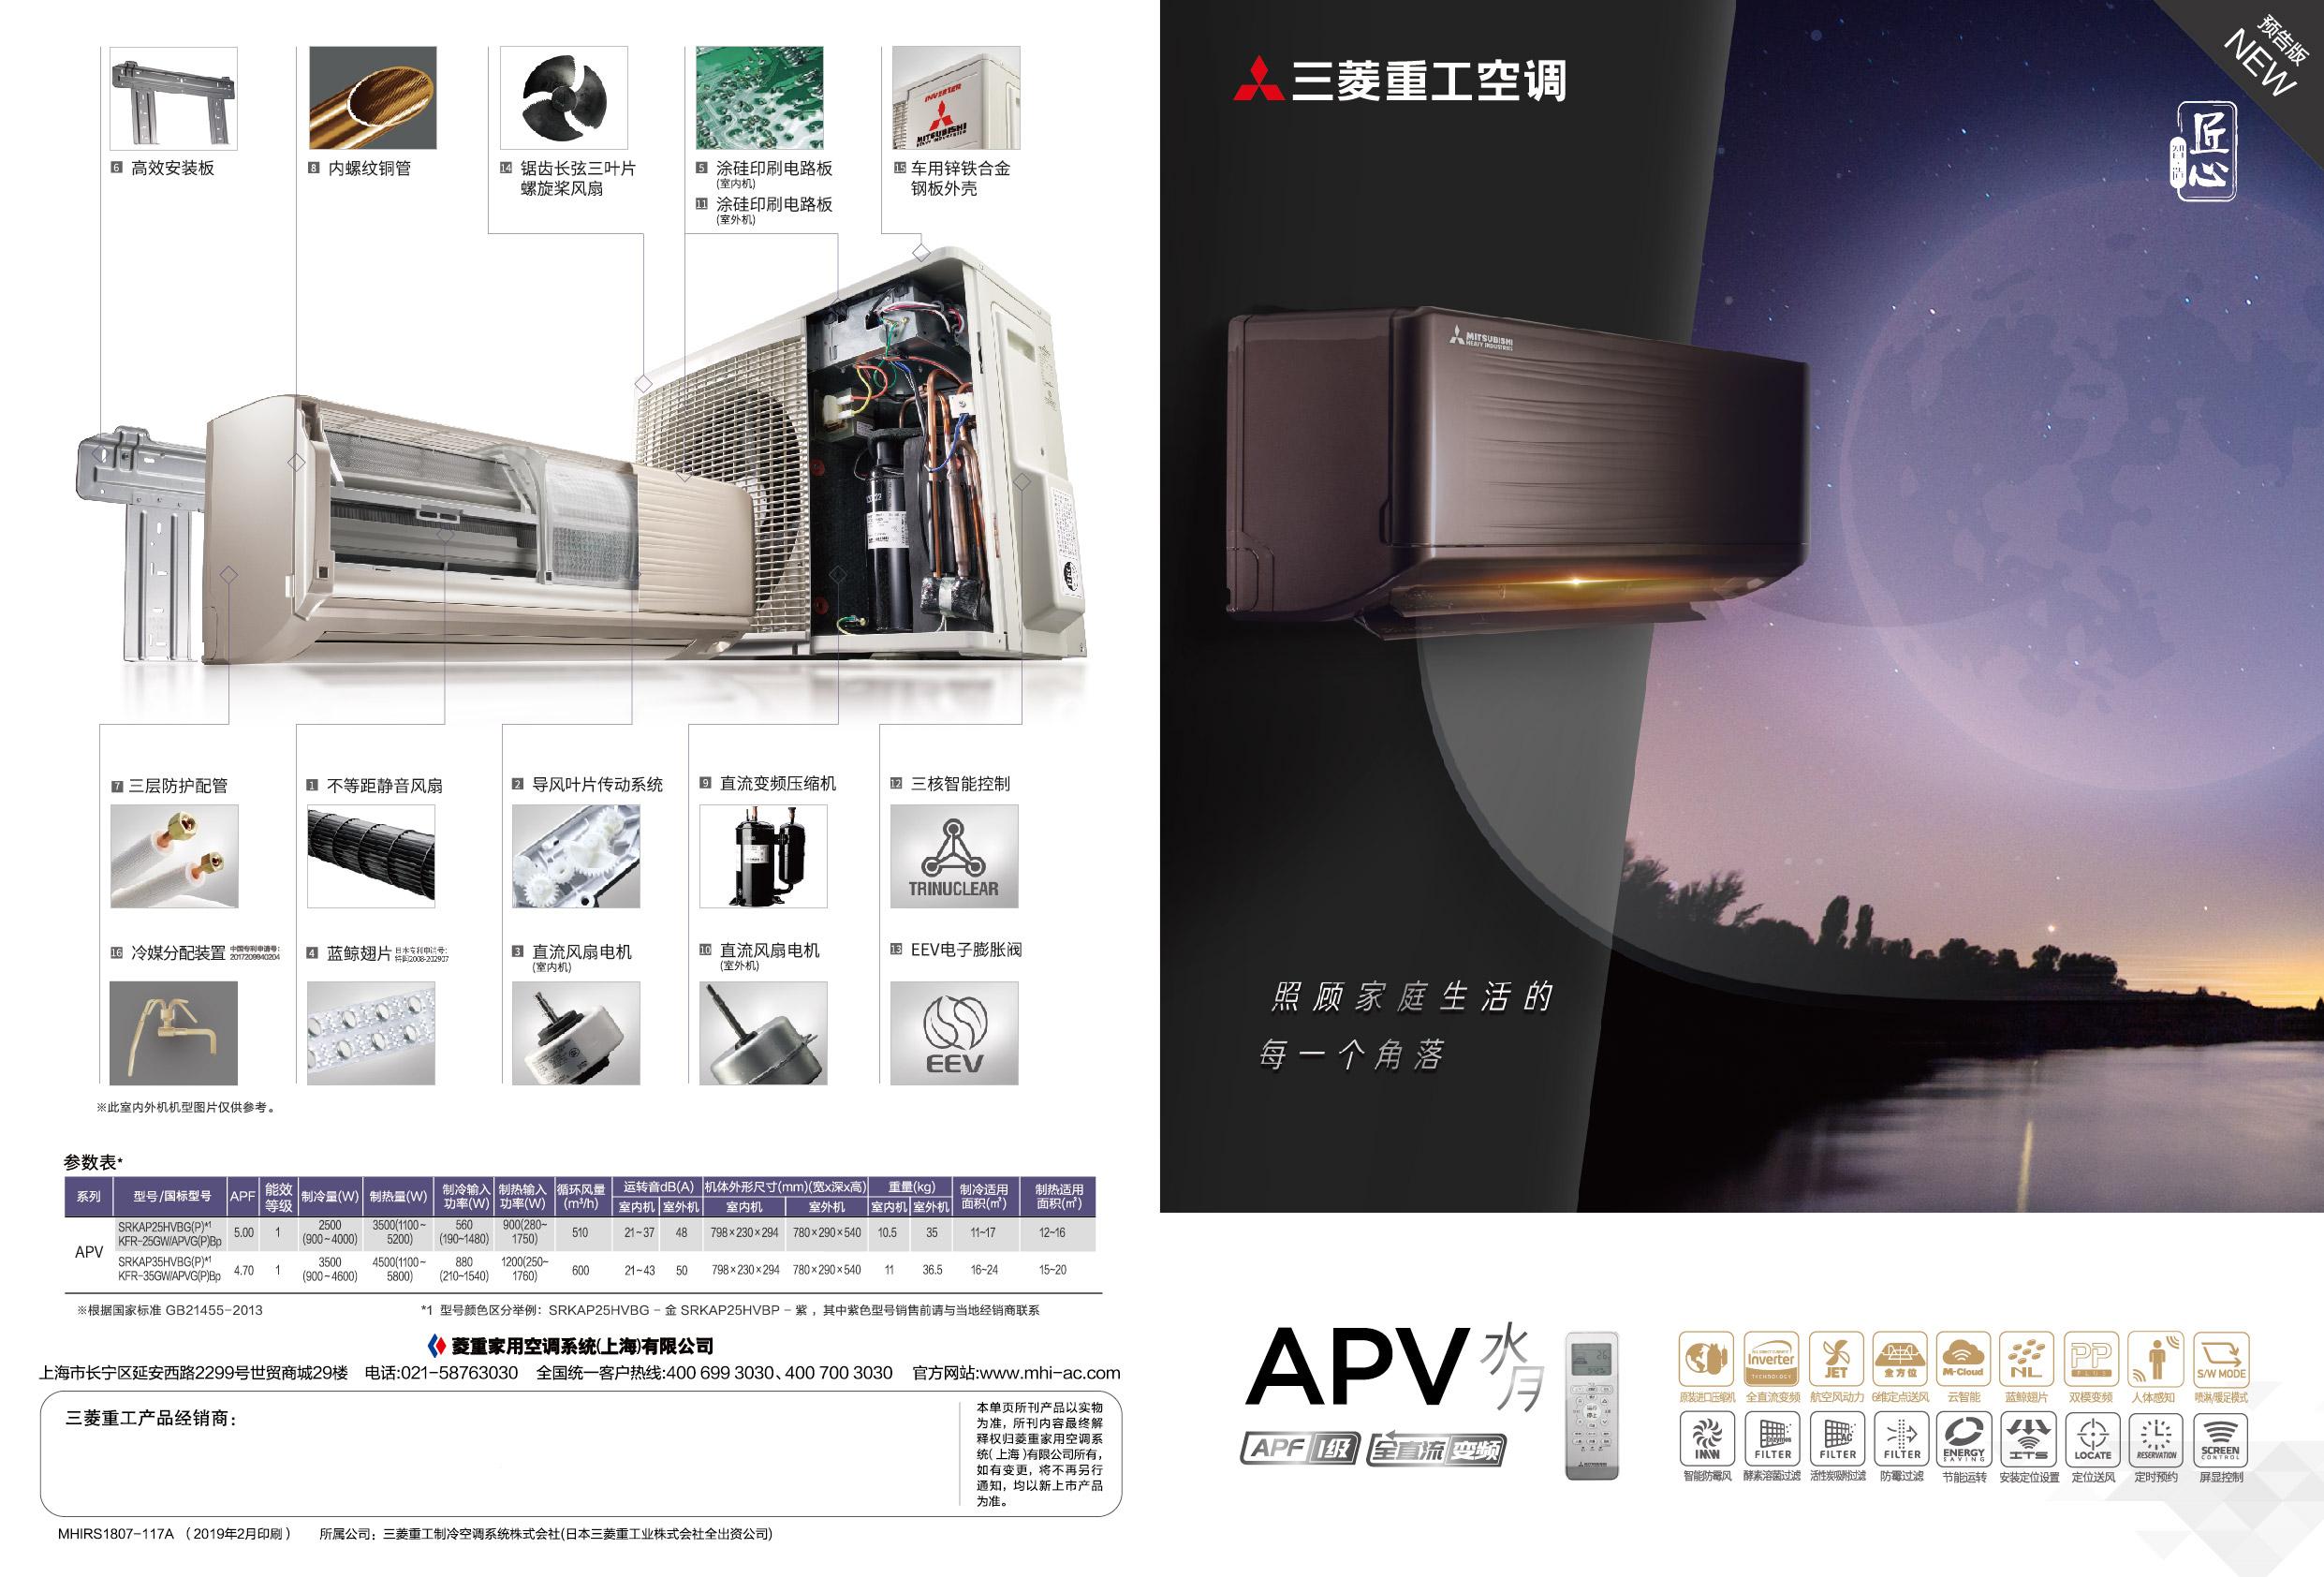 【苏宁专供】三菱重工空调 KFR-35GW/APVGBp